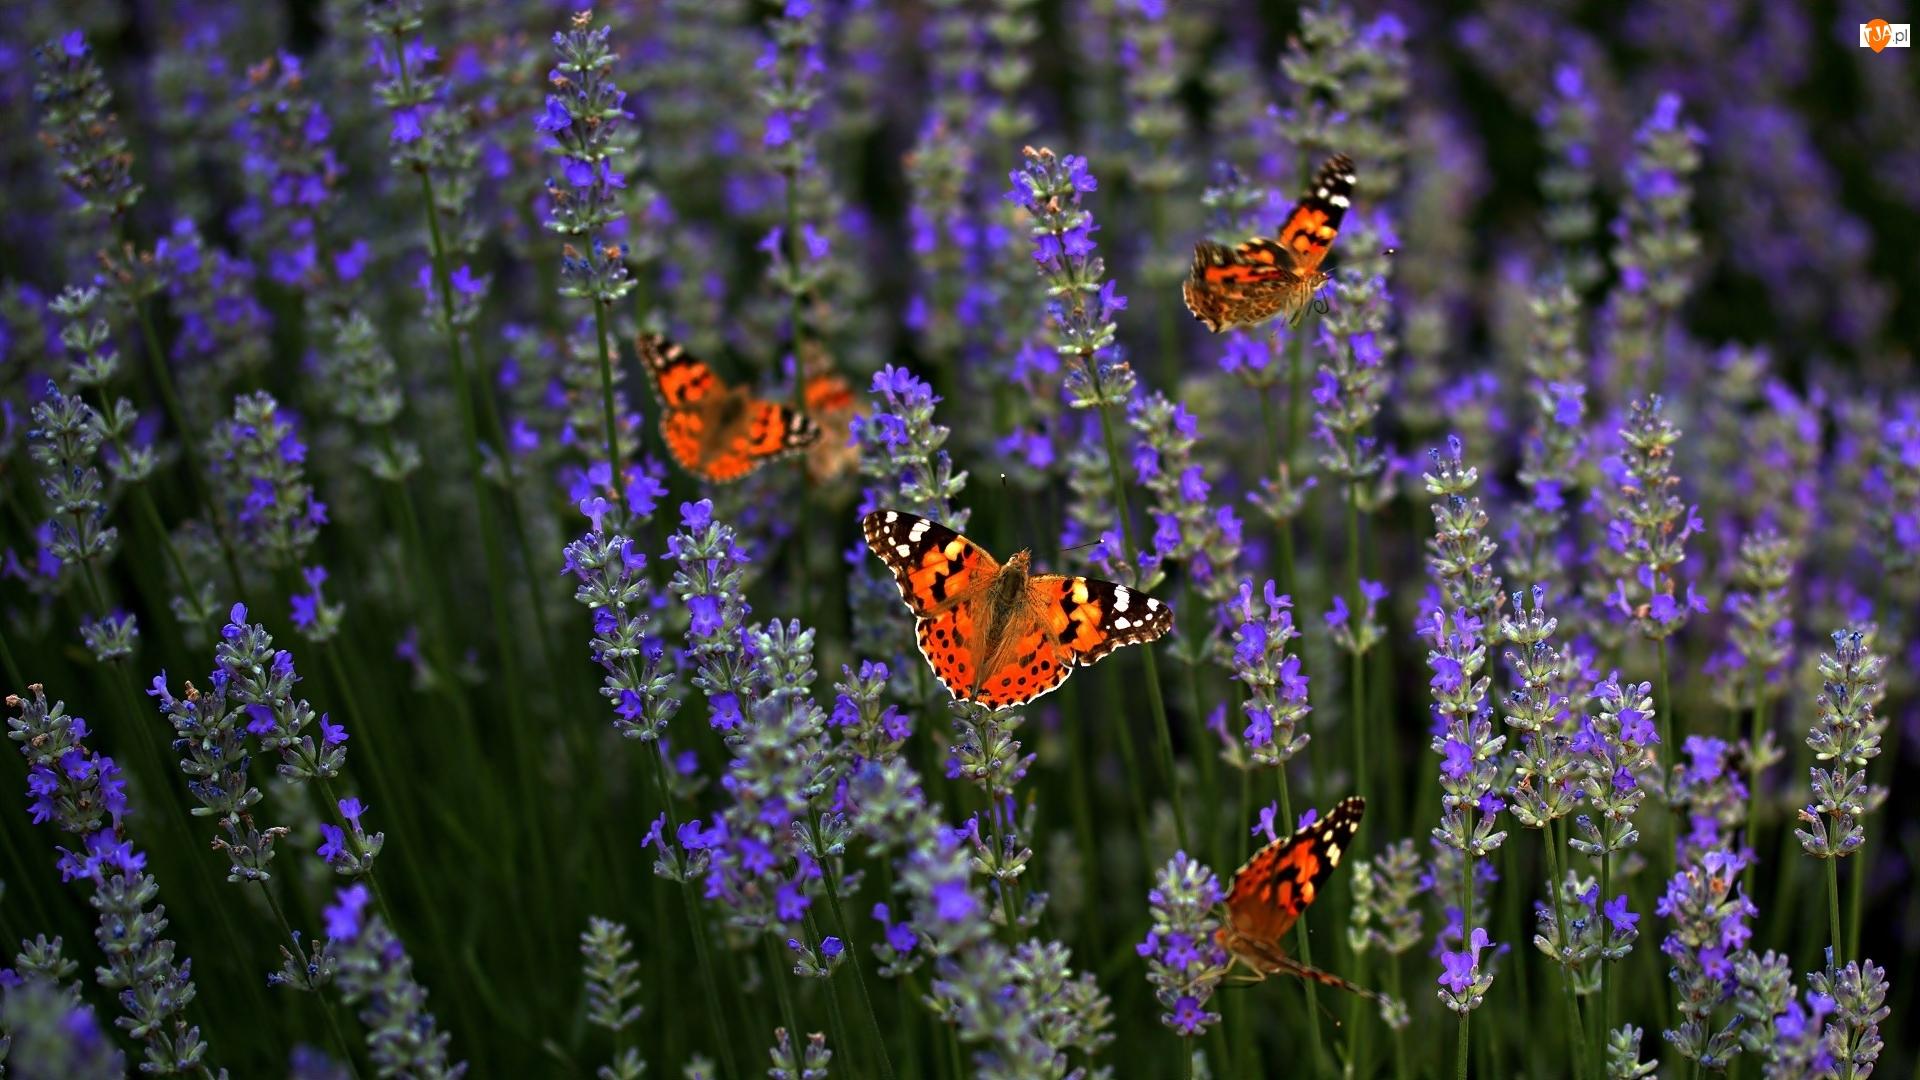 Rusałka osetnik, Kwiaty, Lawenda, Motyle